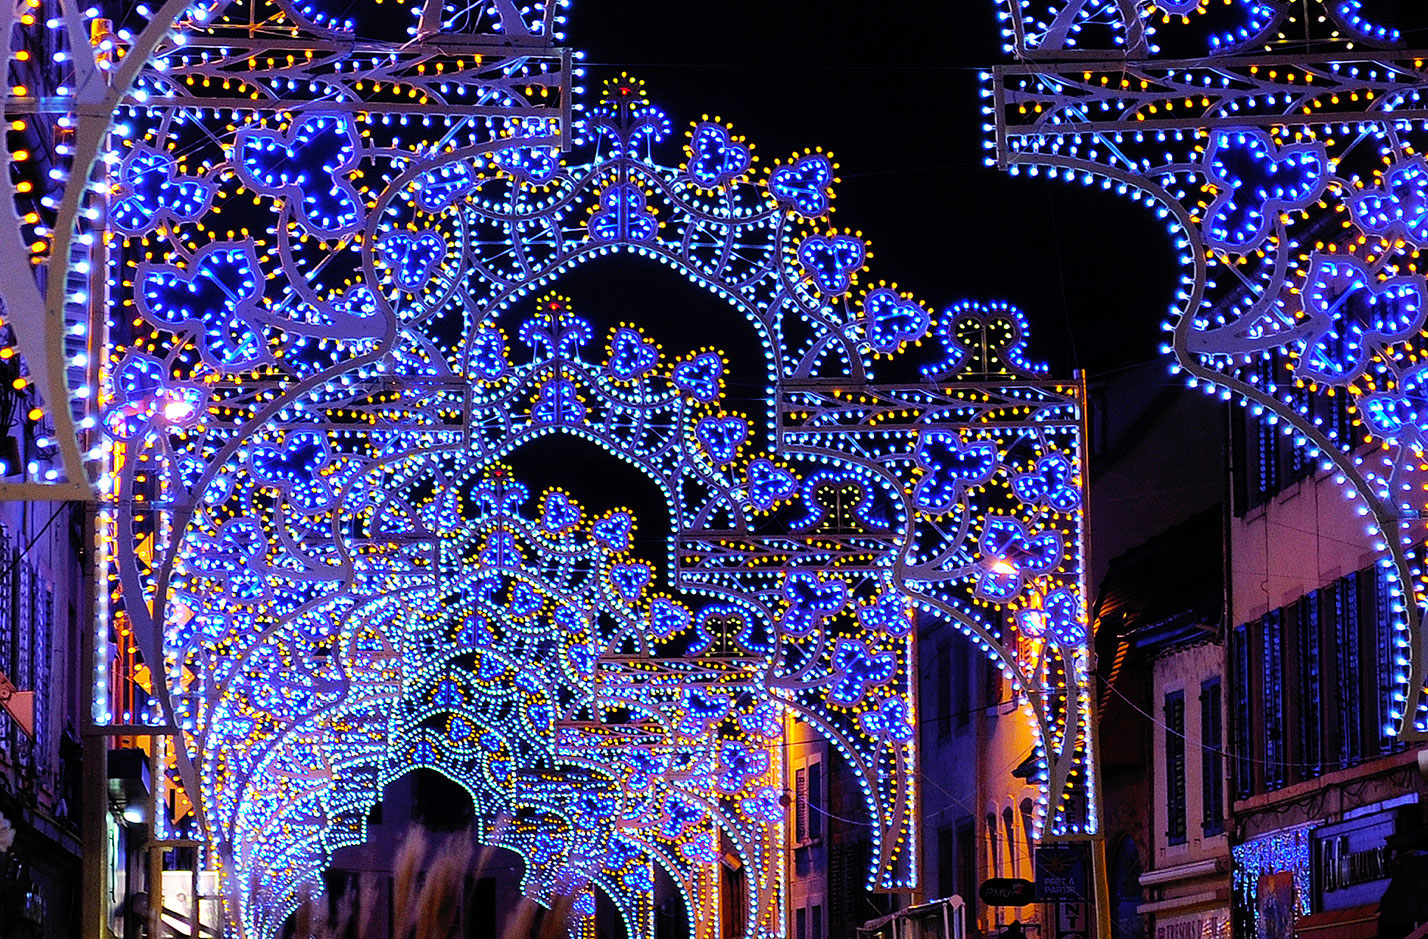 Lumieres-de-Noel-_Illuminations-Rue-Clemenceau__Montbeliard_1428x939px (Denis Bretey – Ville Montbéliard)